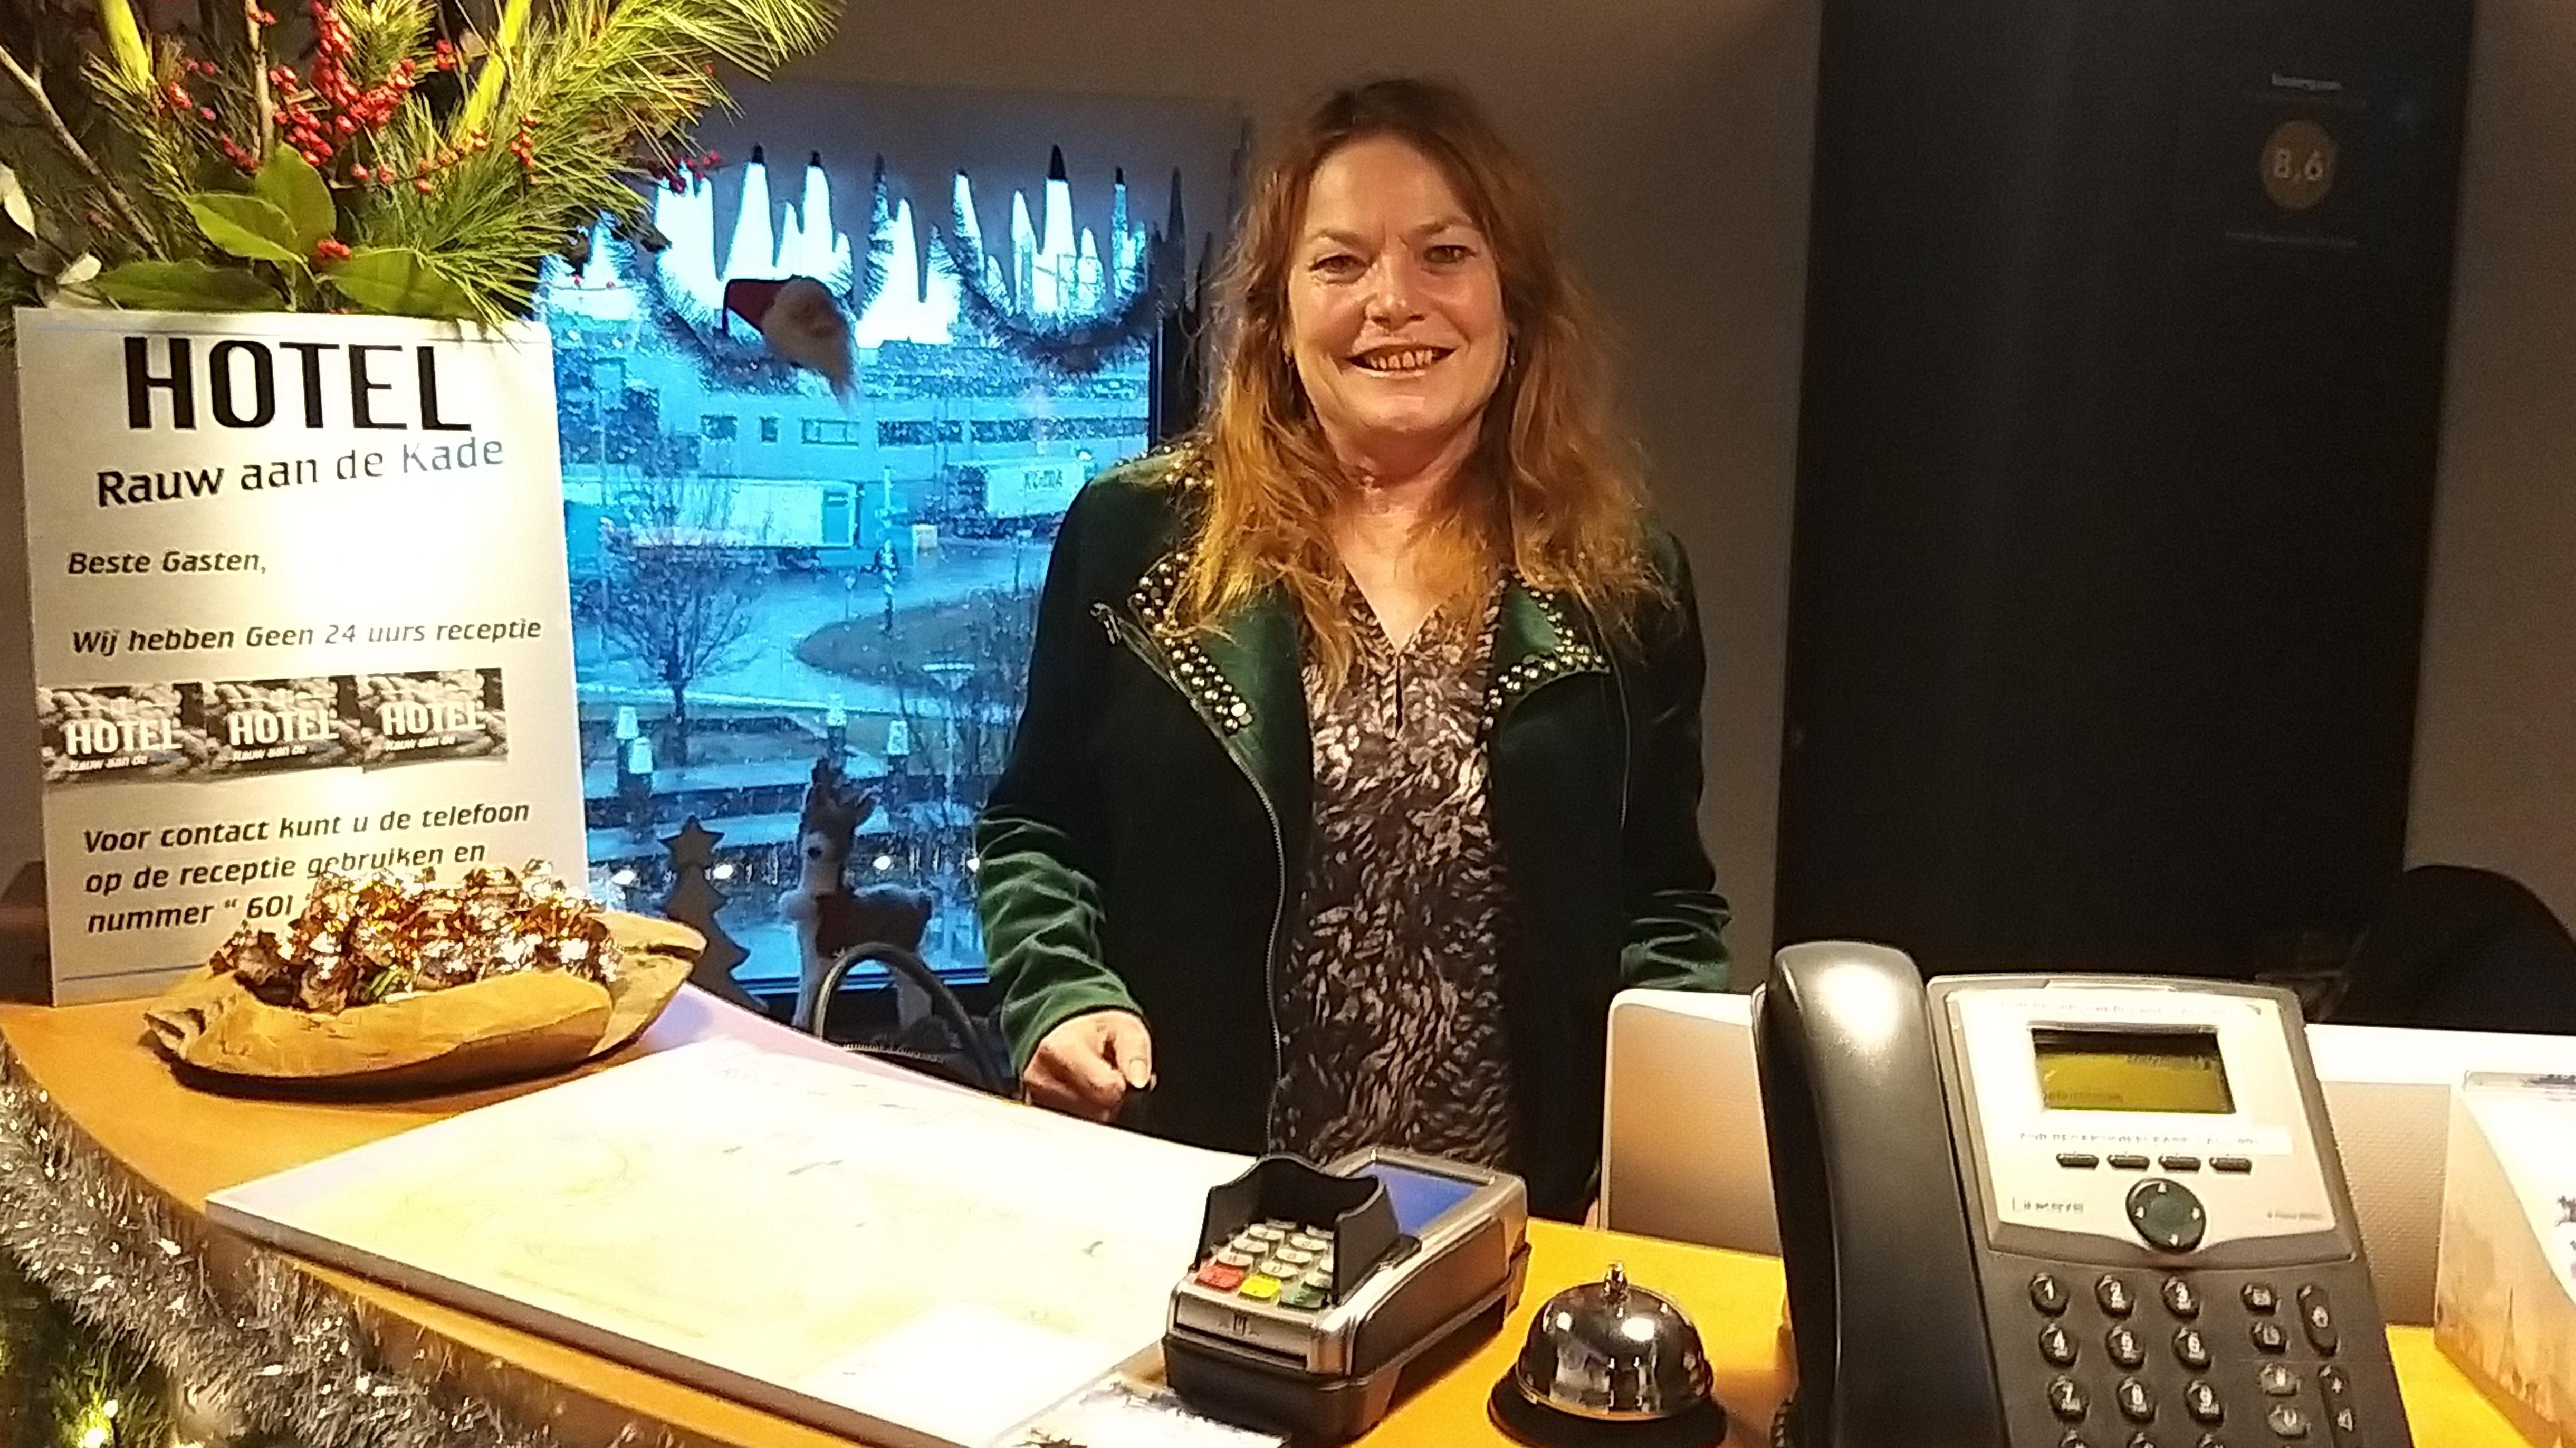 IJmuidens hotel Rauw aan de Kade wil gasten met glimlach naar huis laten gaan